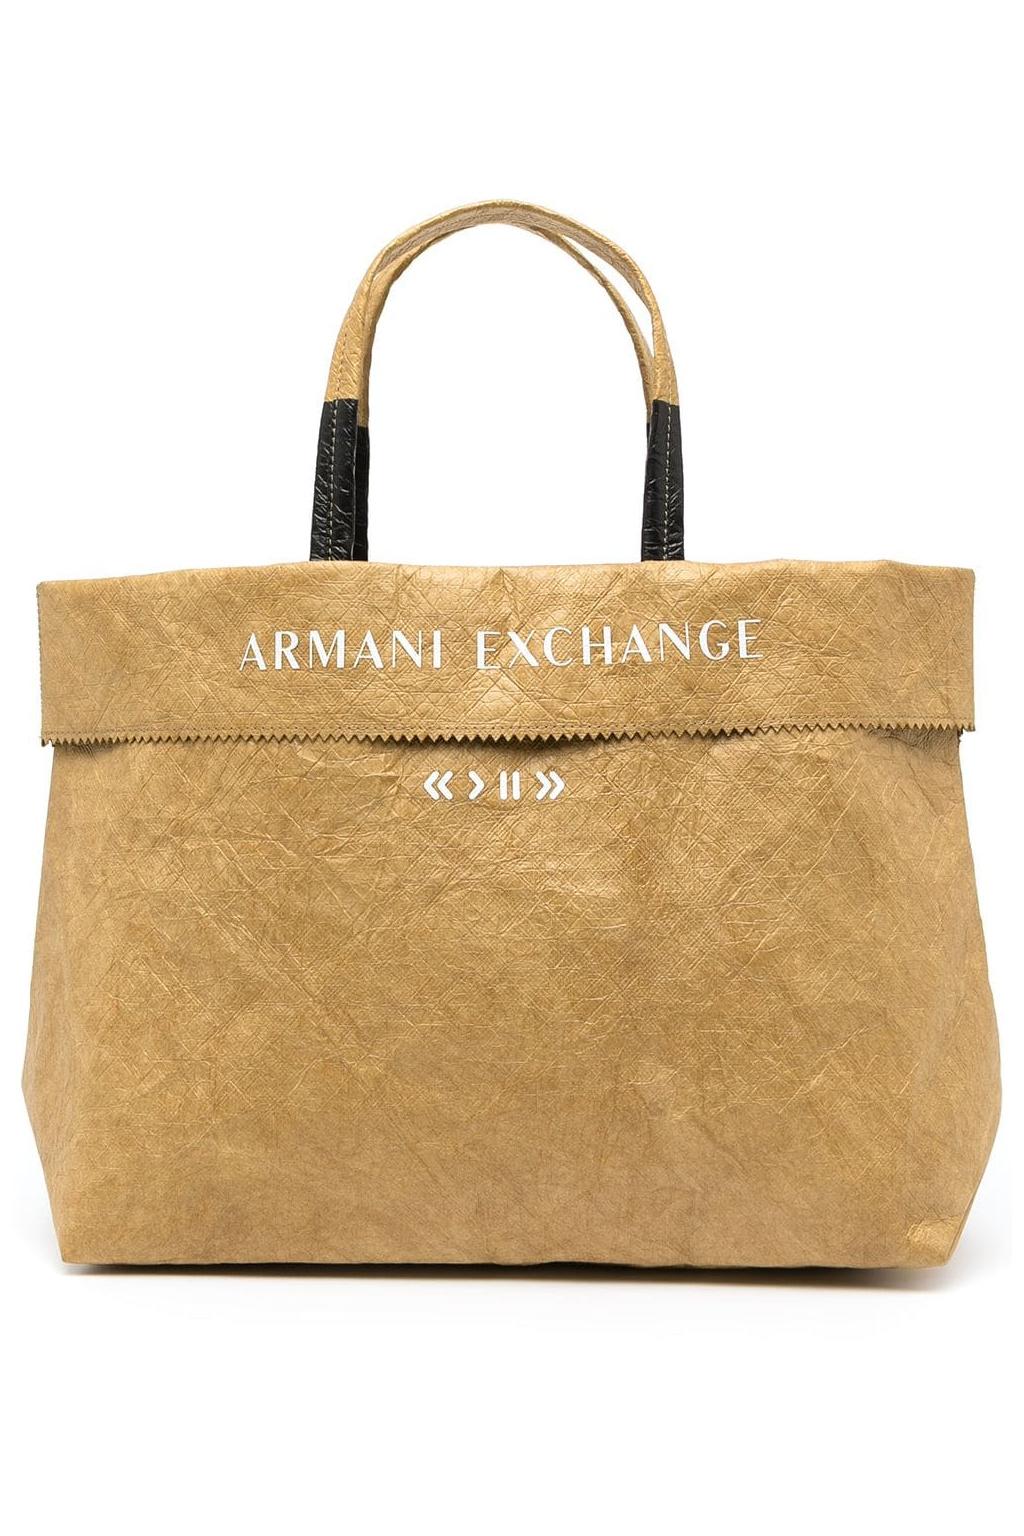 Dámská kabelka Armani Exchange 942771 1A715 přírodní